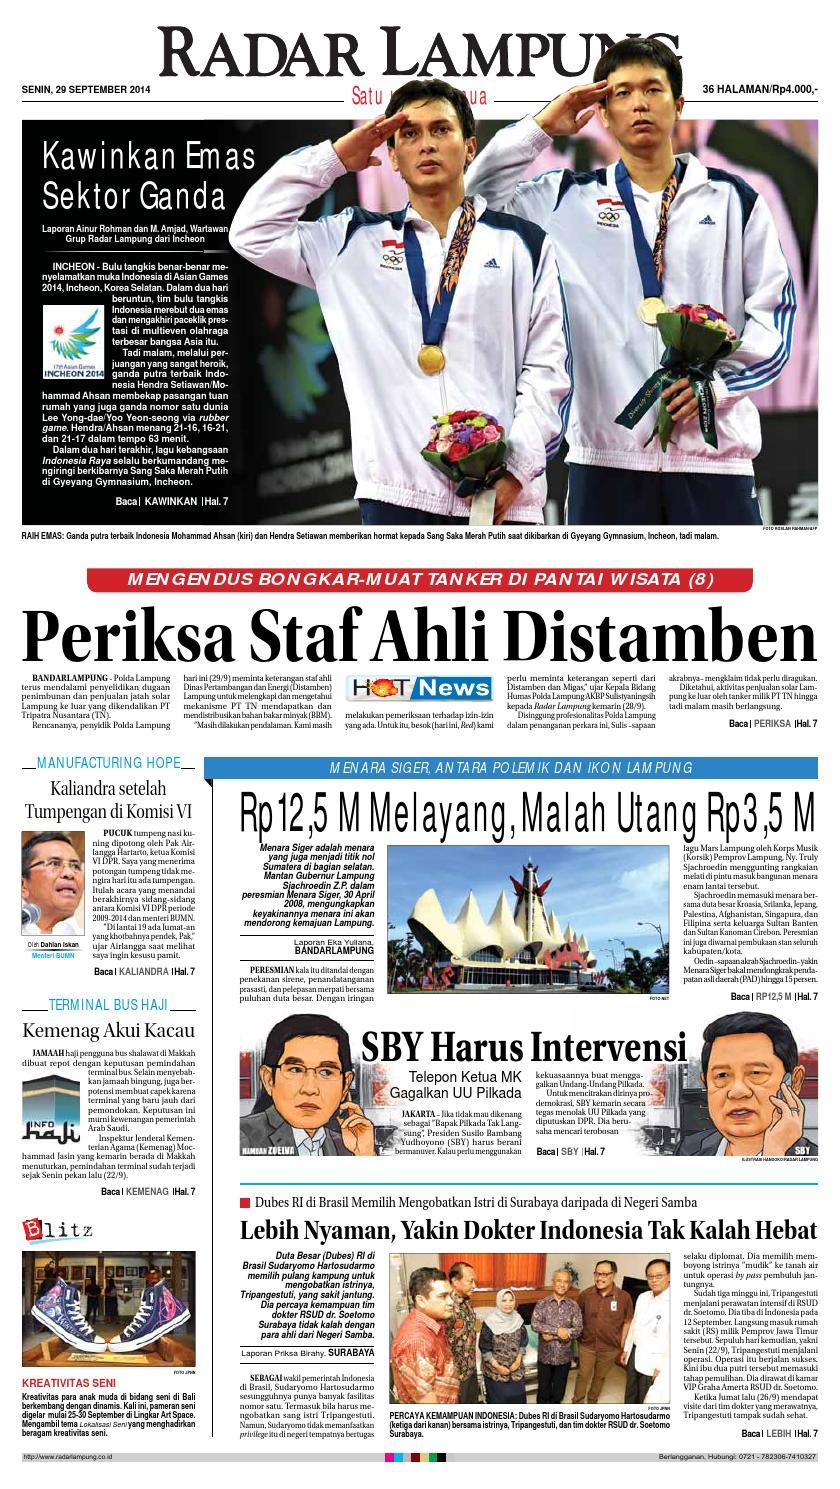 Radar Lampung Senin 29 September 2014 By Ayep Kancee Issuu Produk Ukm Bumn Handbody